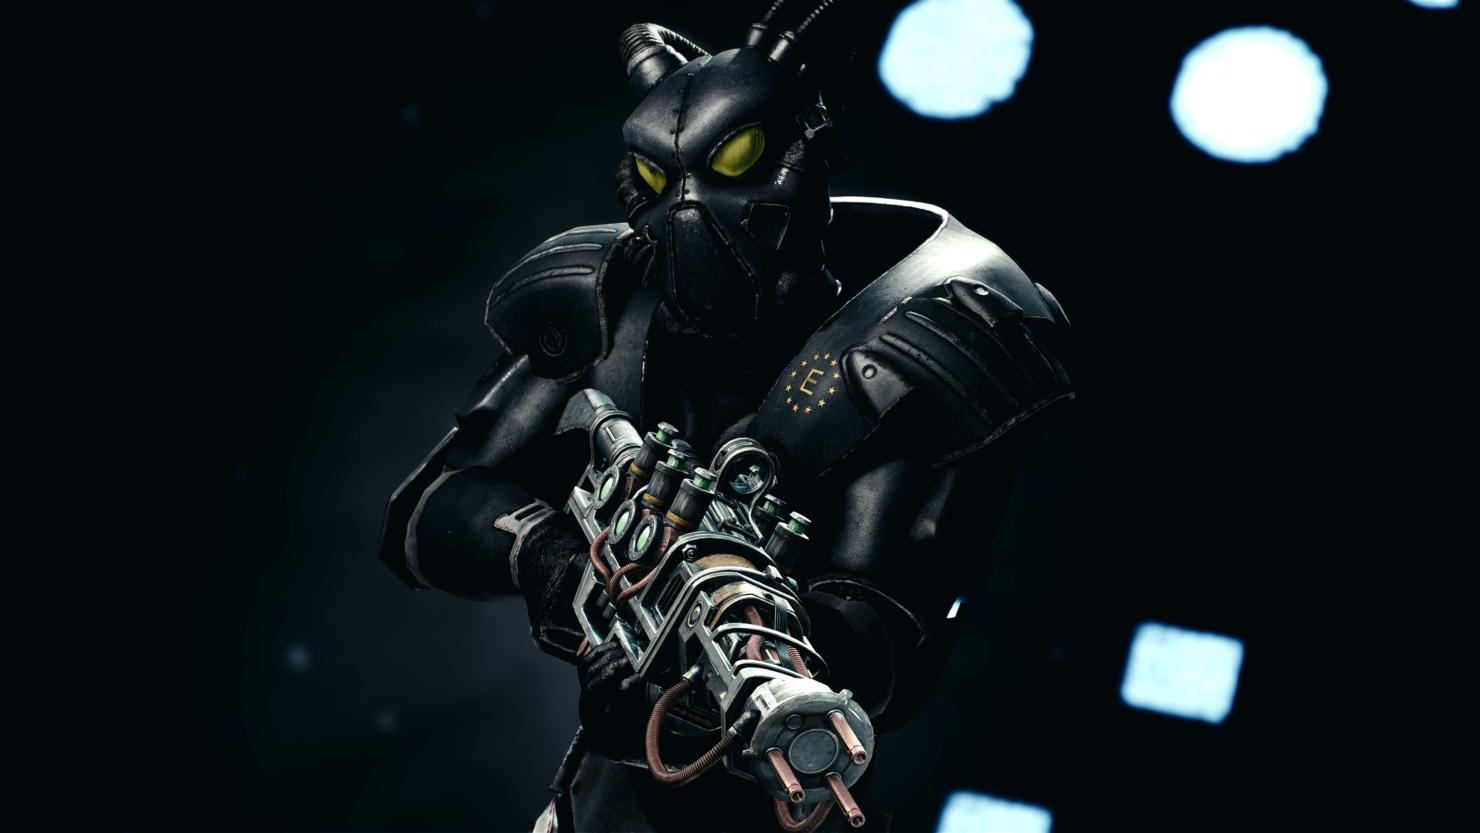 fallout-4-enclave-armor-mod-7